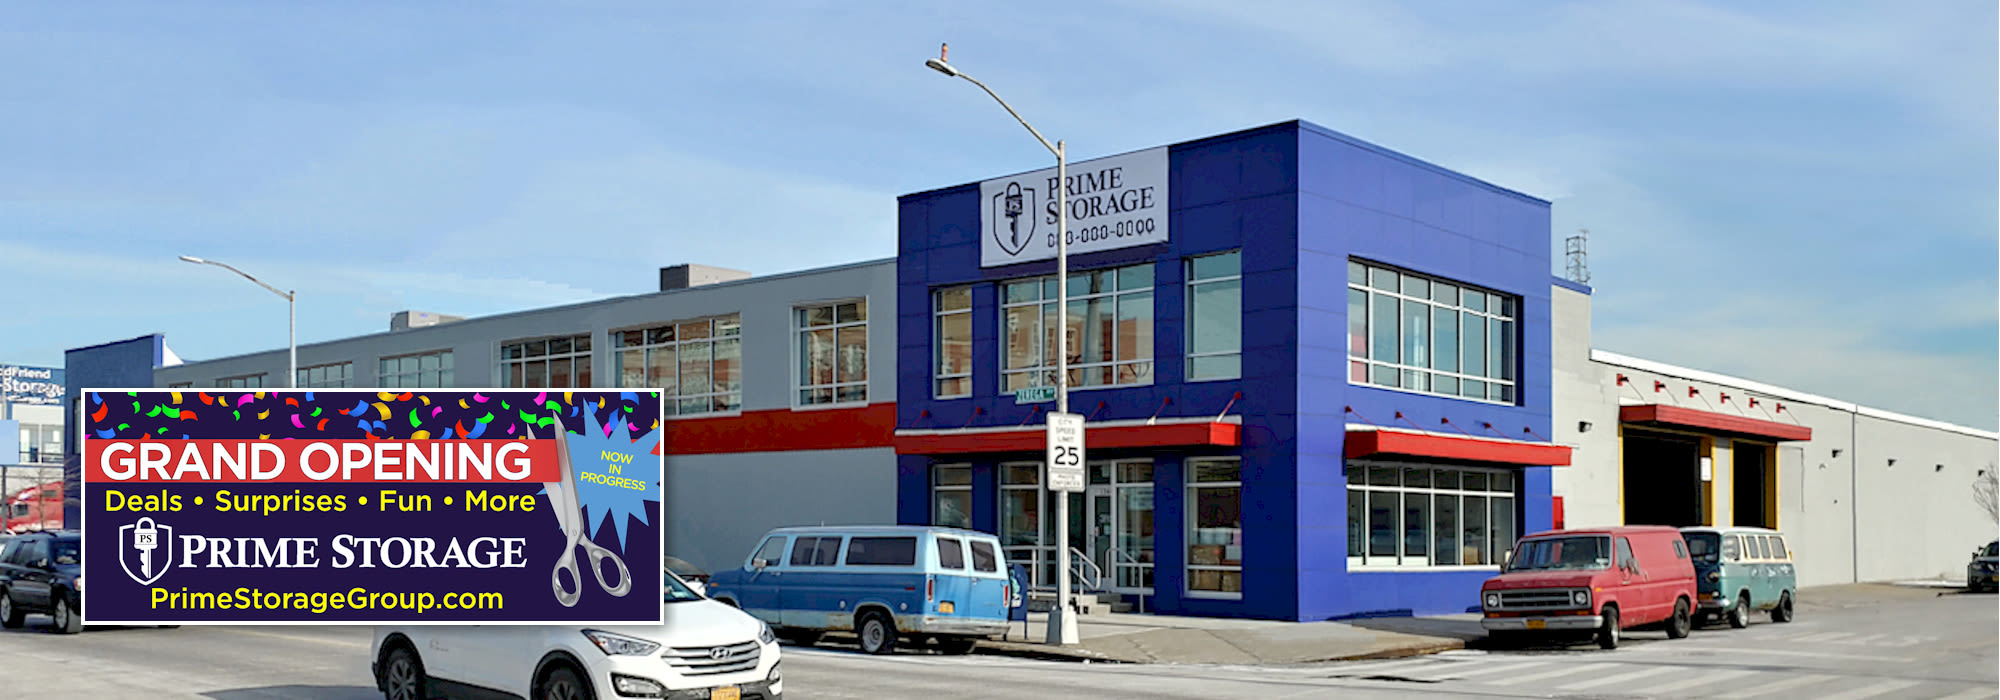 Prime Storage in Bronx, NY